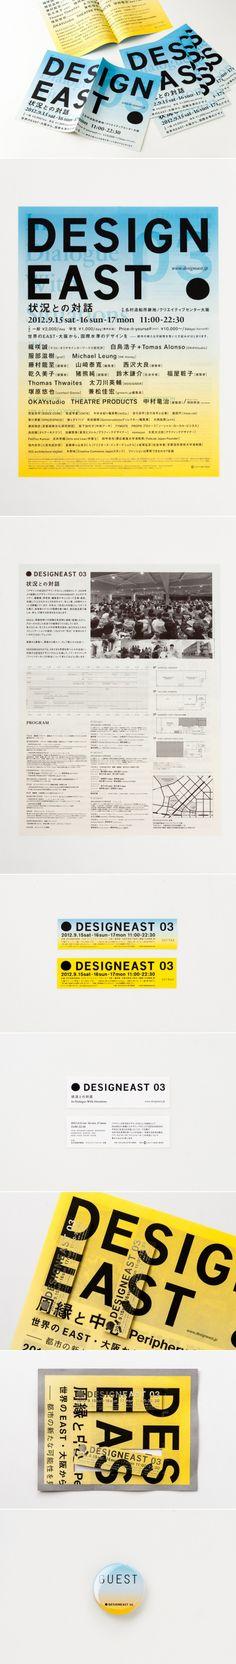 DESIGNEAST 03 : UMA / design farm